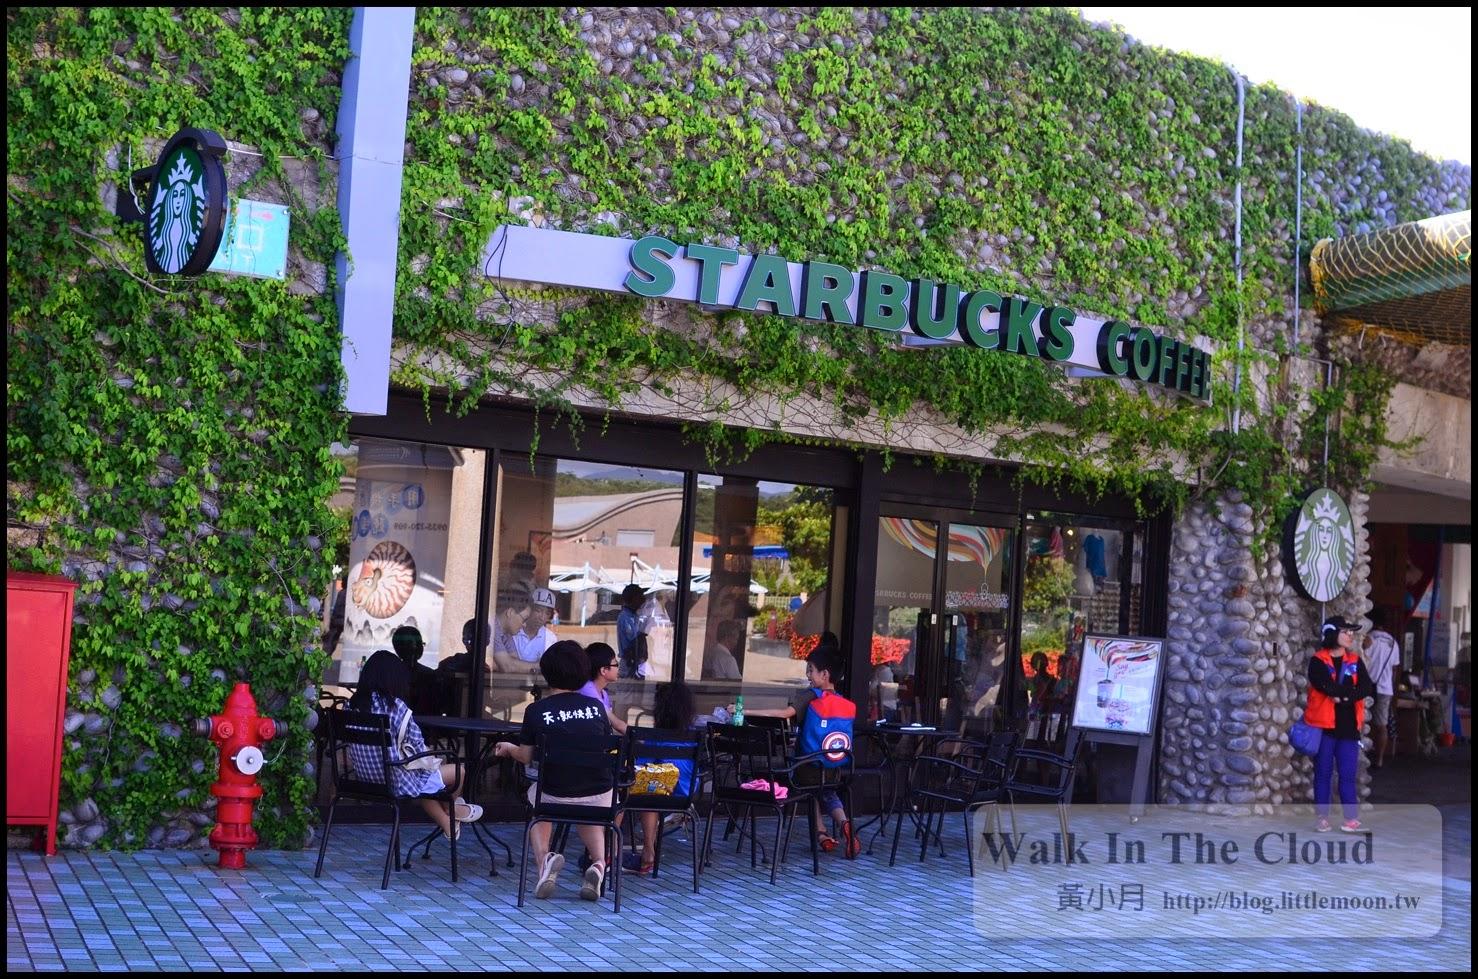 海生館中的 Starbucks